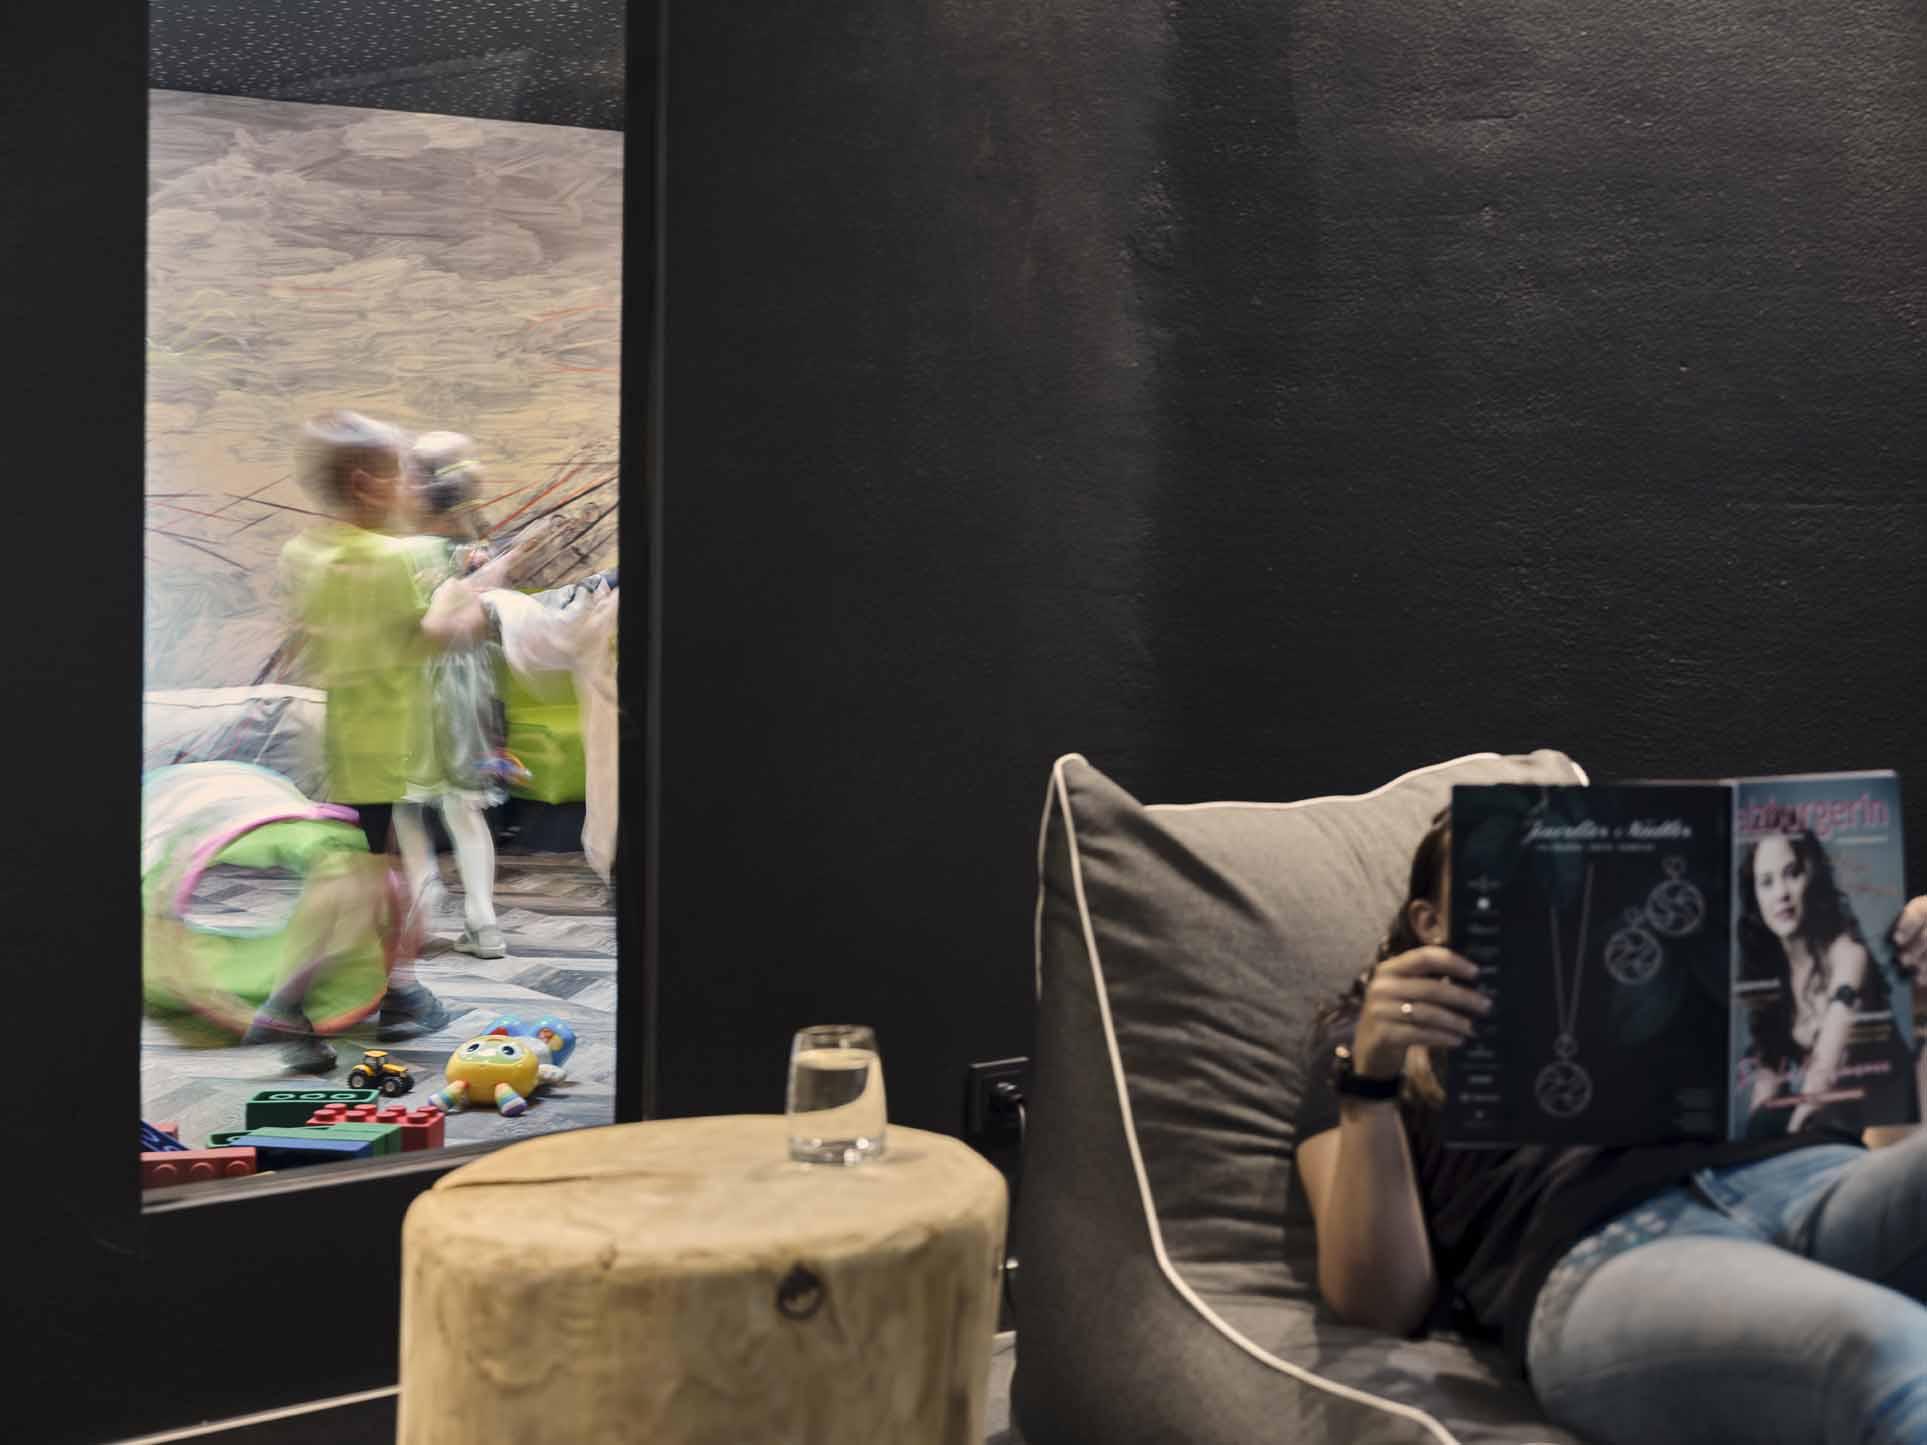 Eine Frau liegt auf dem Sitzsack und ließt, die Kinder spielen im Hintergrund